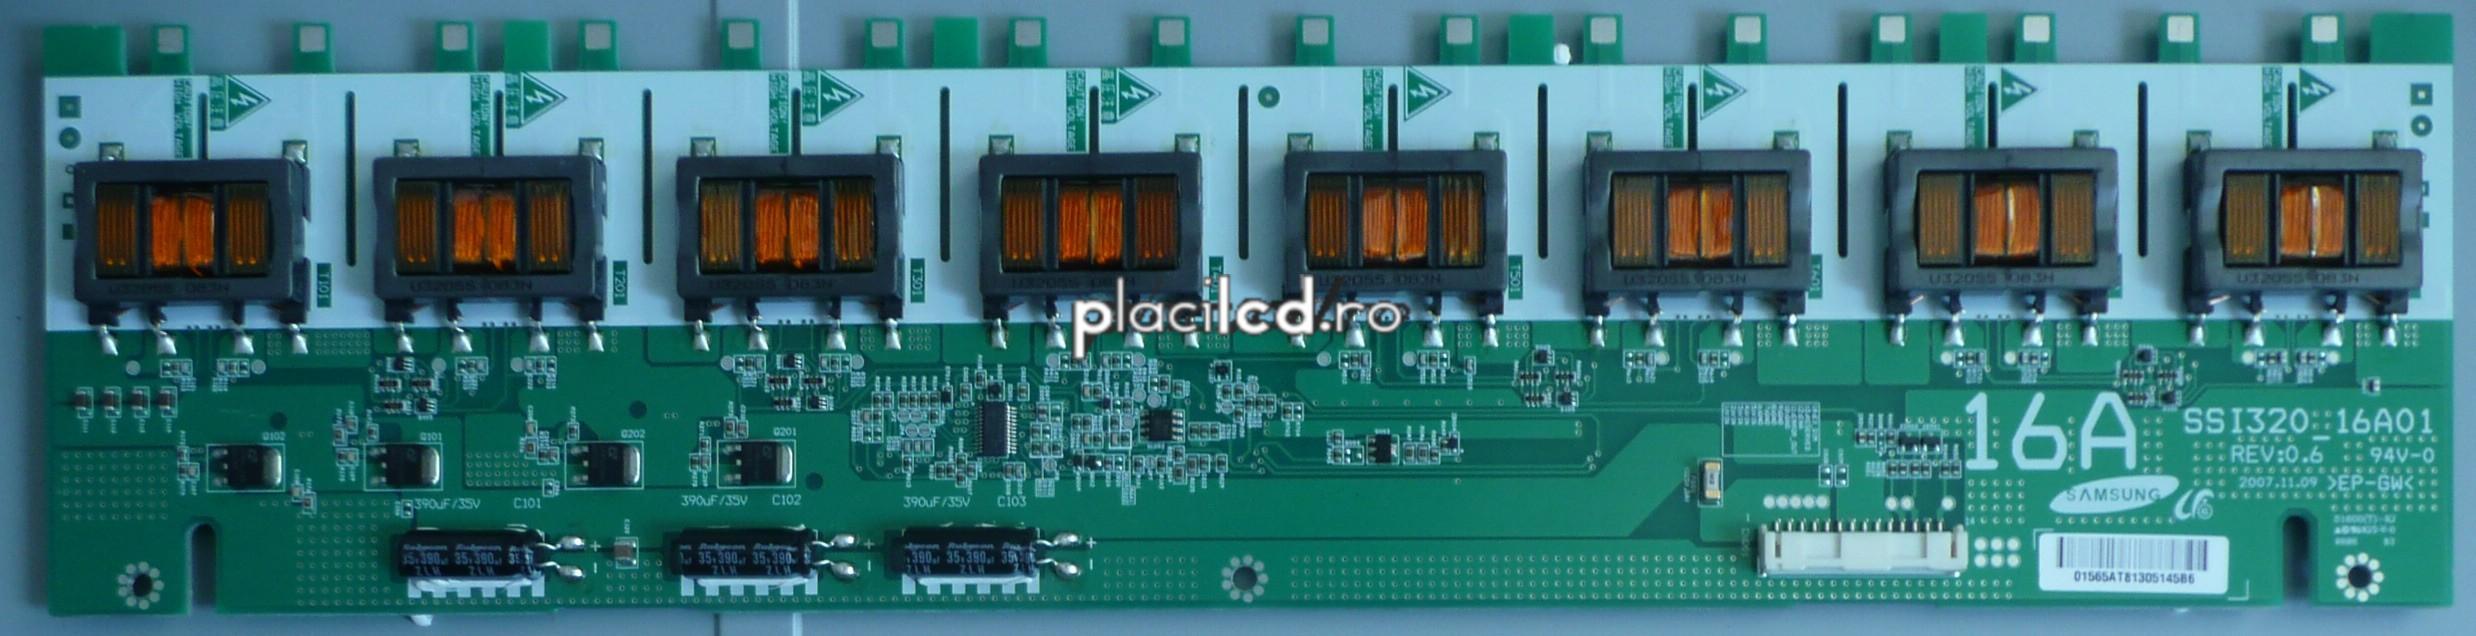 Placa invertoare SSI320_16A01